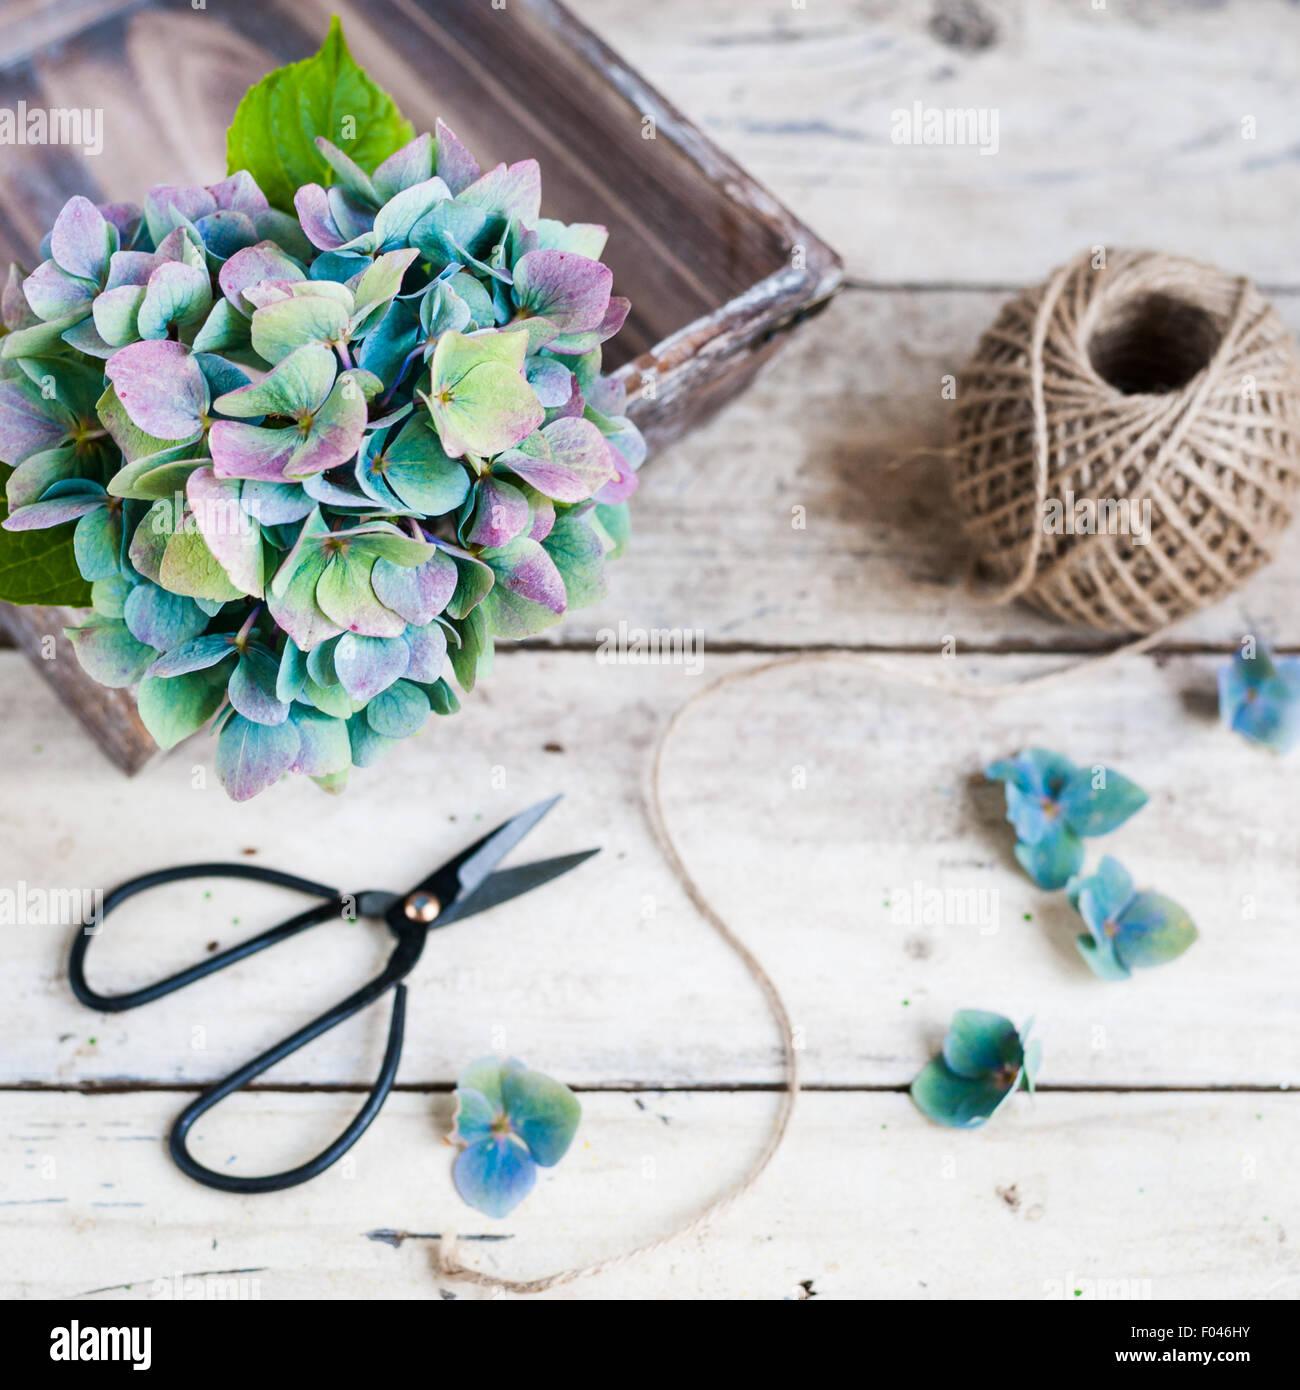 Hortensia bleu-violet dans un panier sur la table en bois avec de la ficelle et ciseaux noir Photo Stock